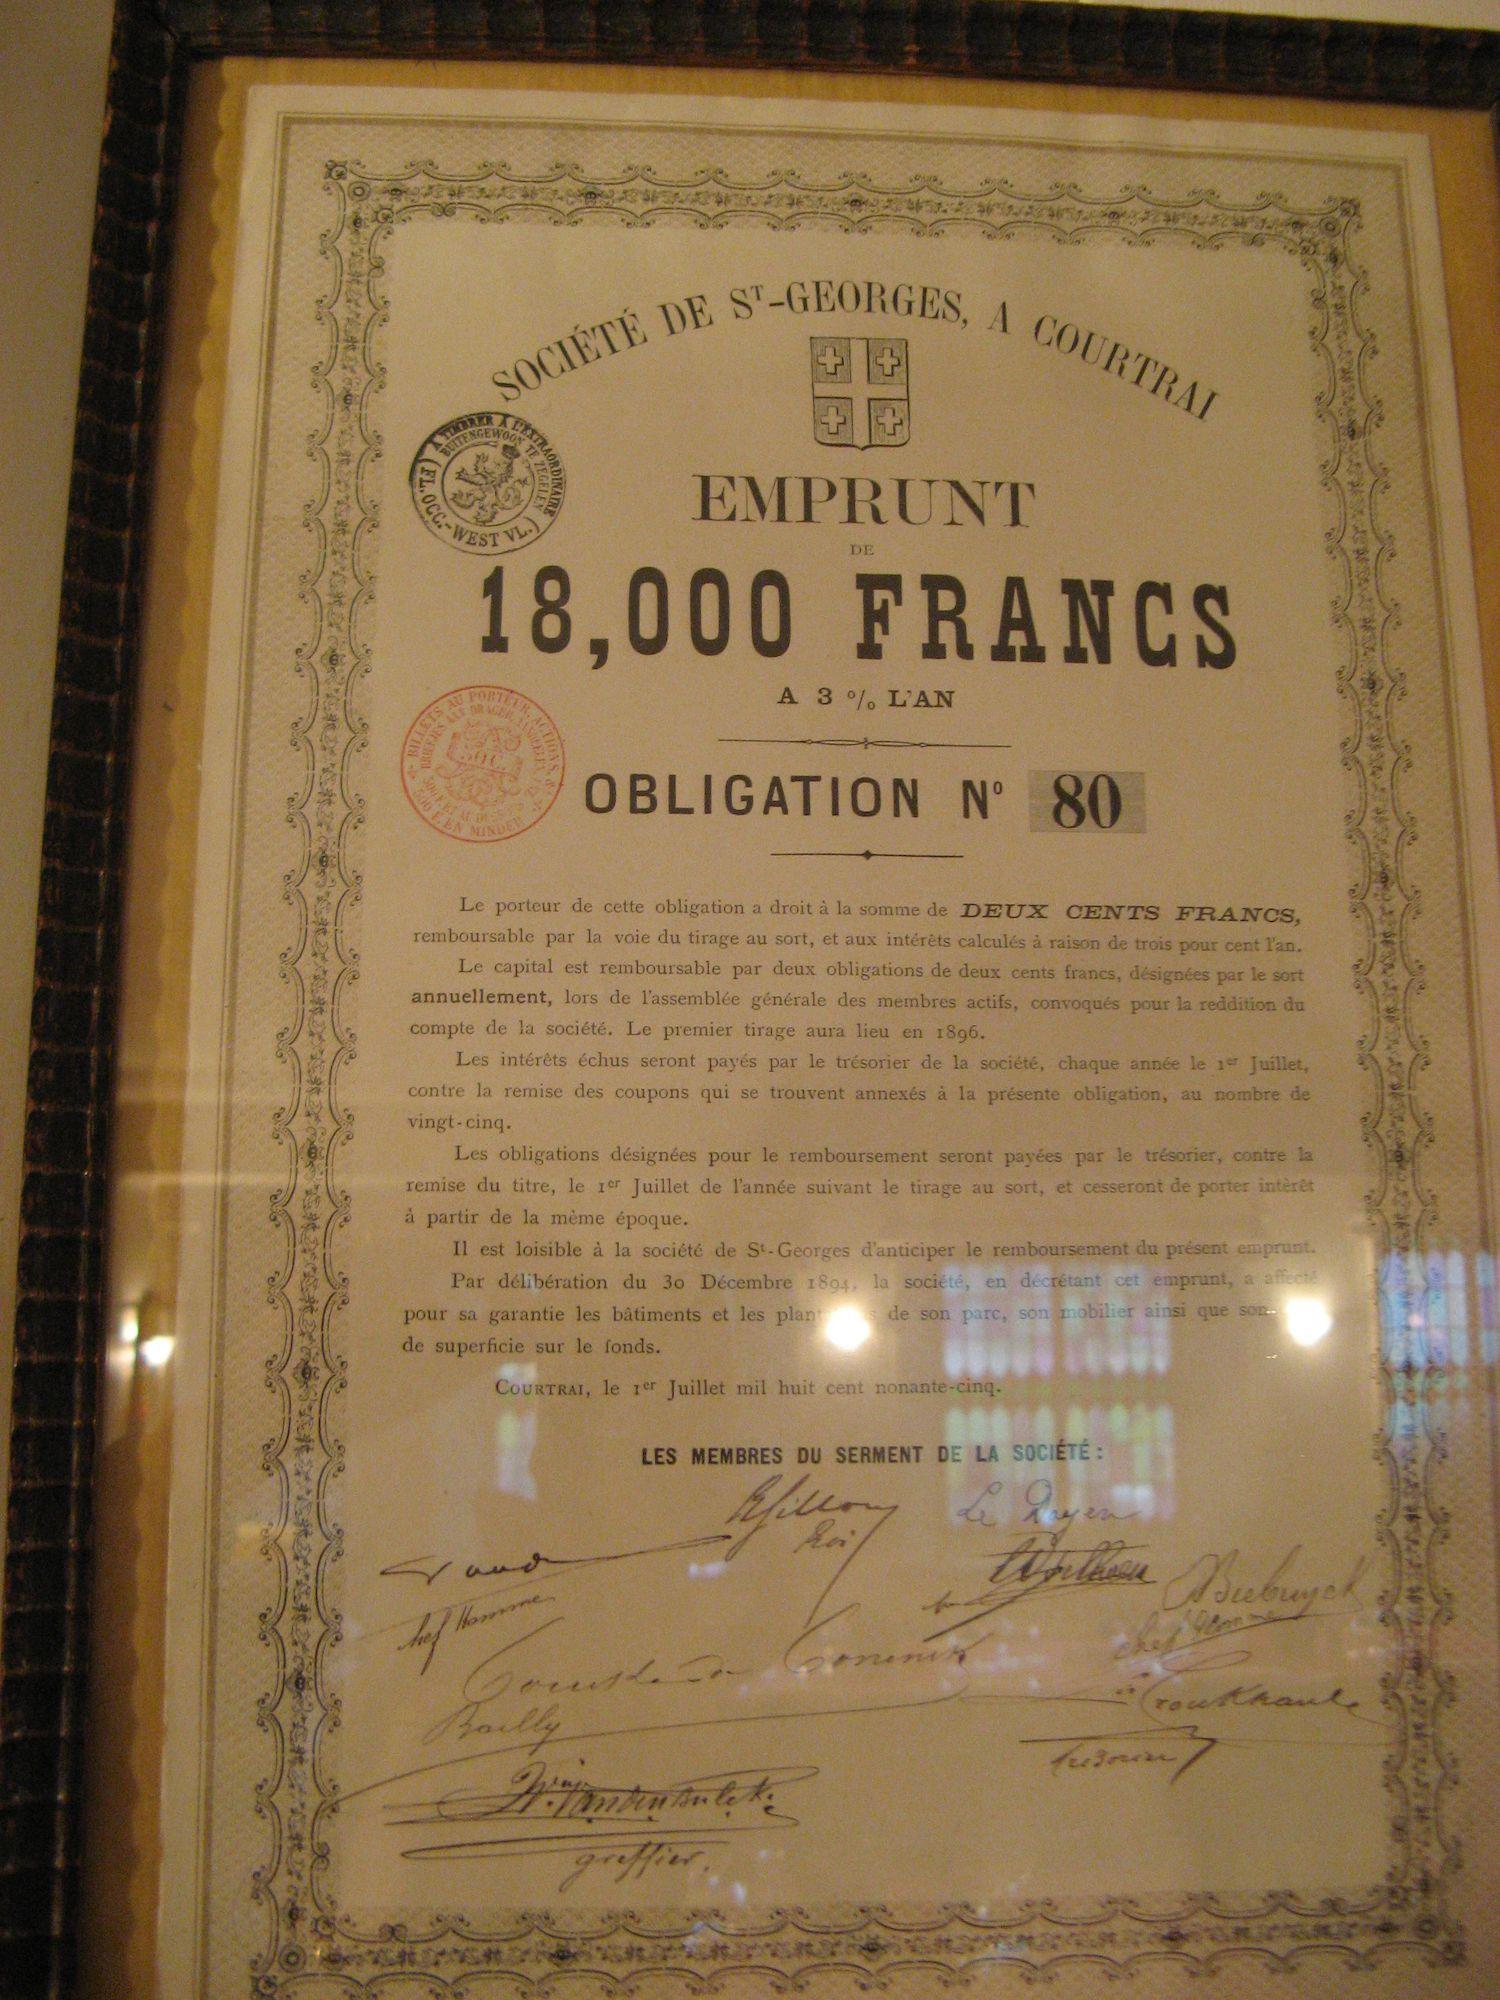 Lening Société de Saint-George